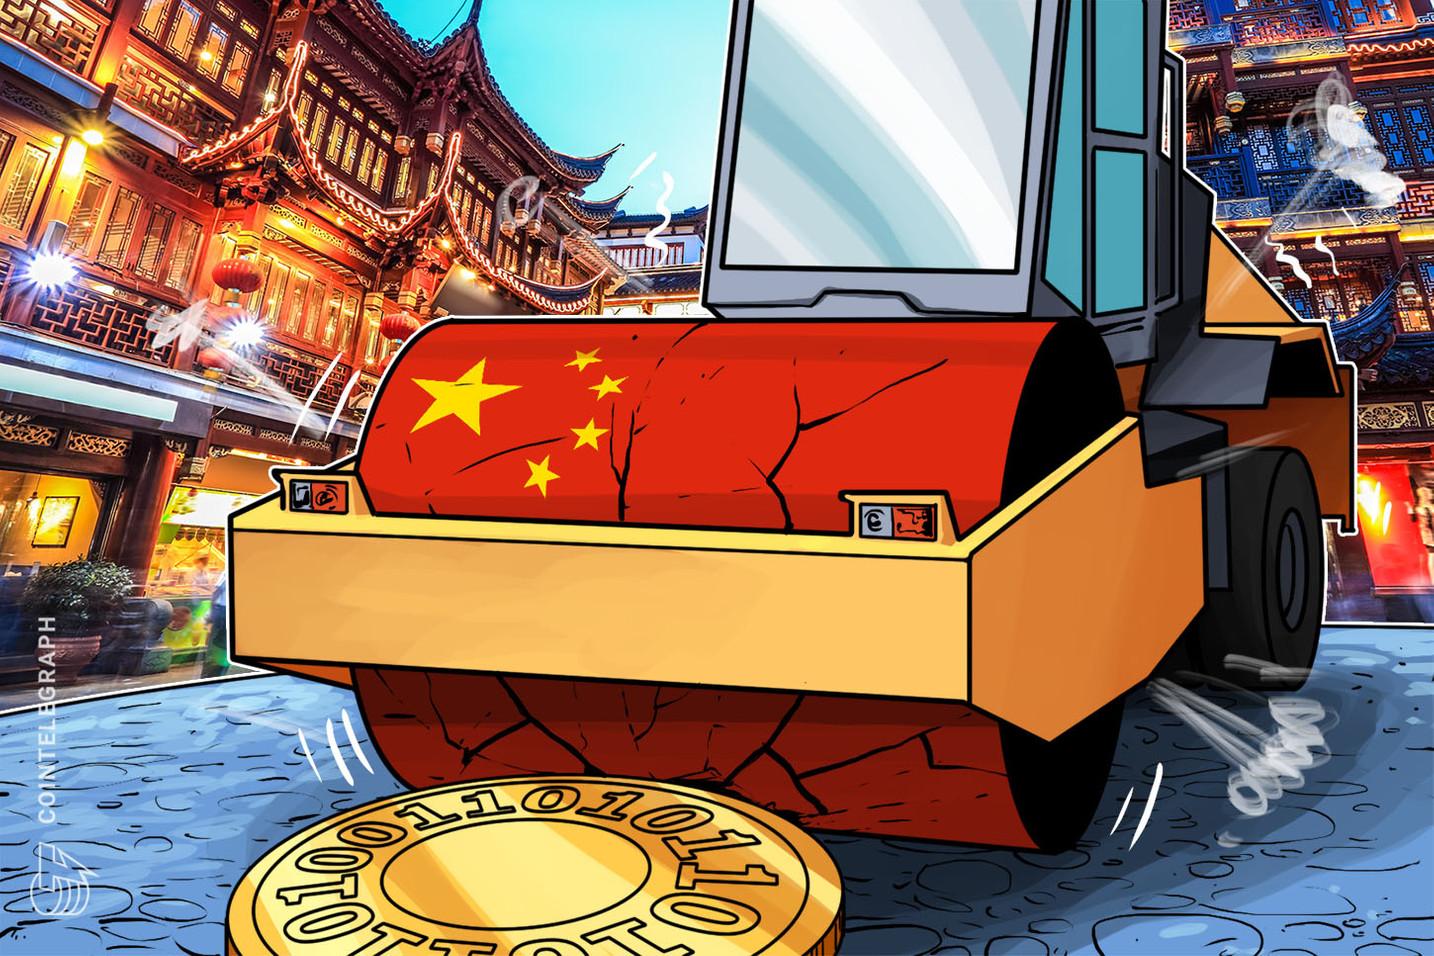 中国人民銀行、仮想通貨の「エアドロップ」への監視強化